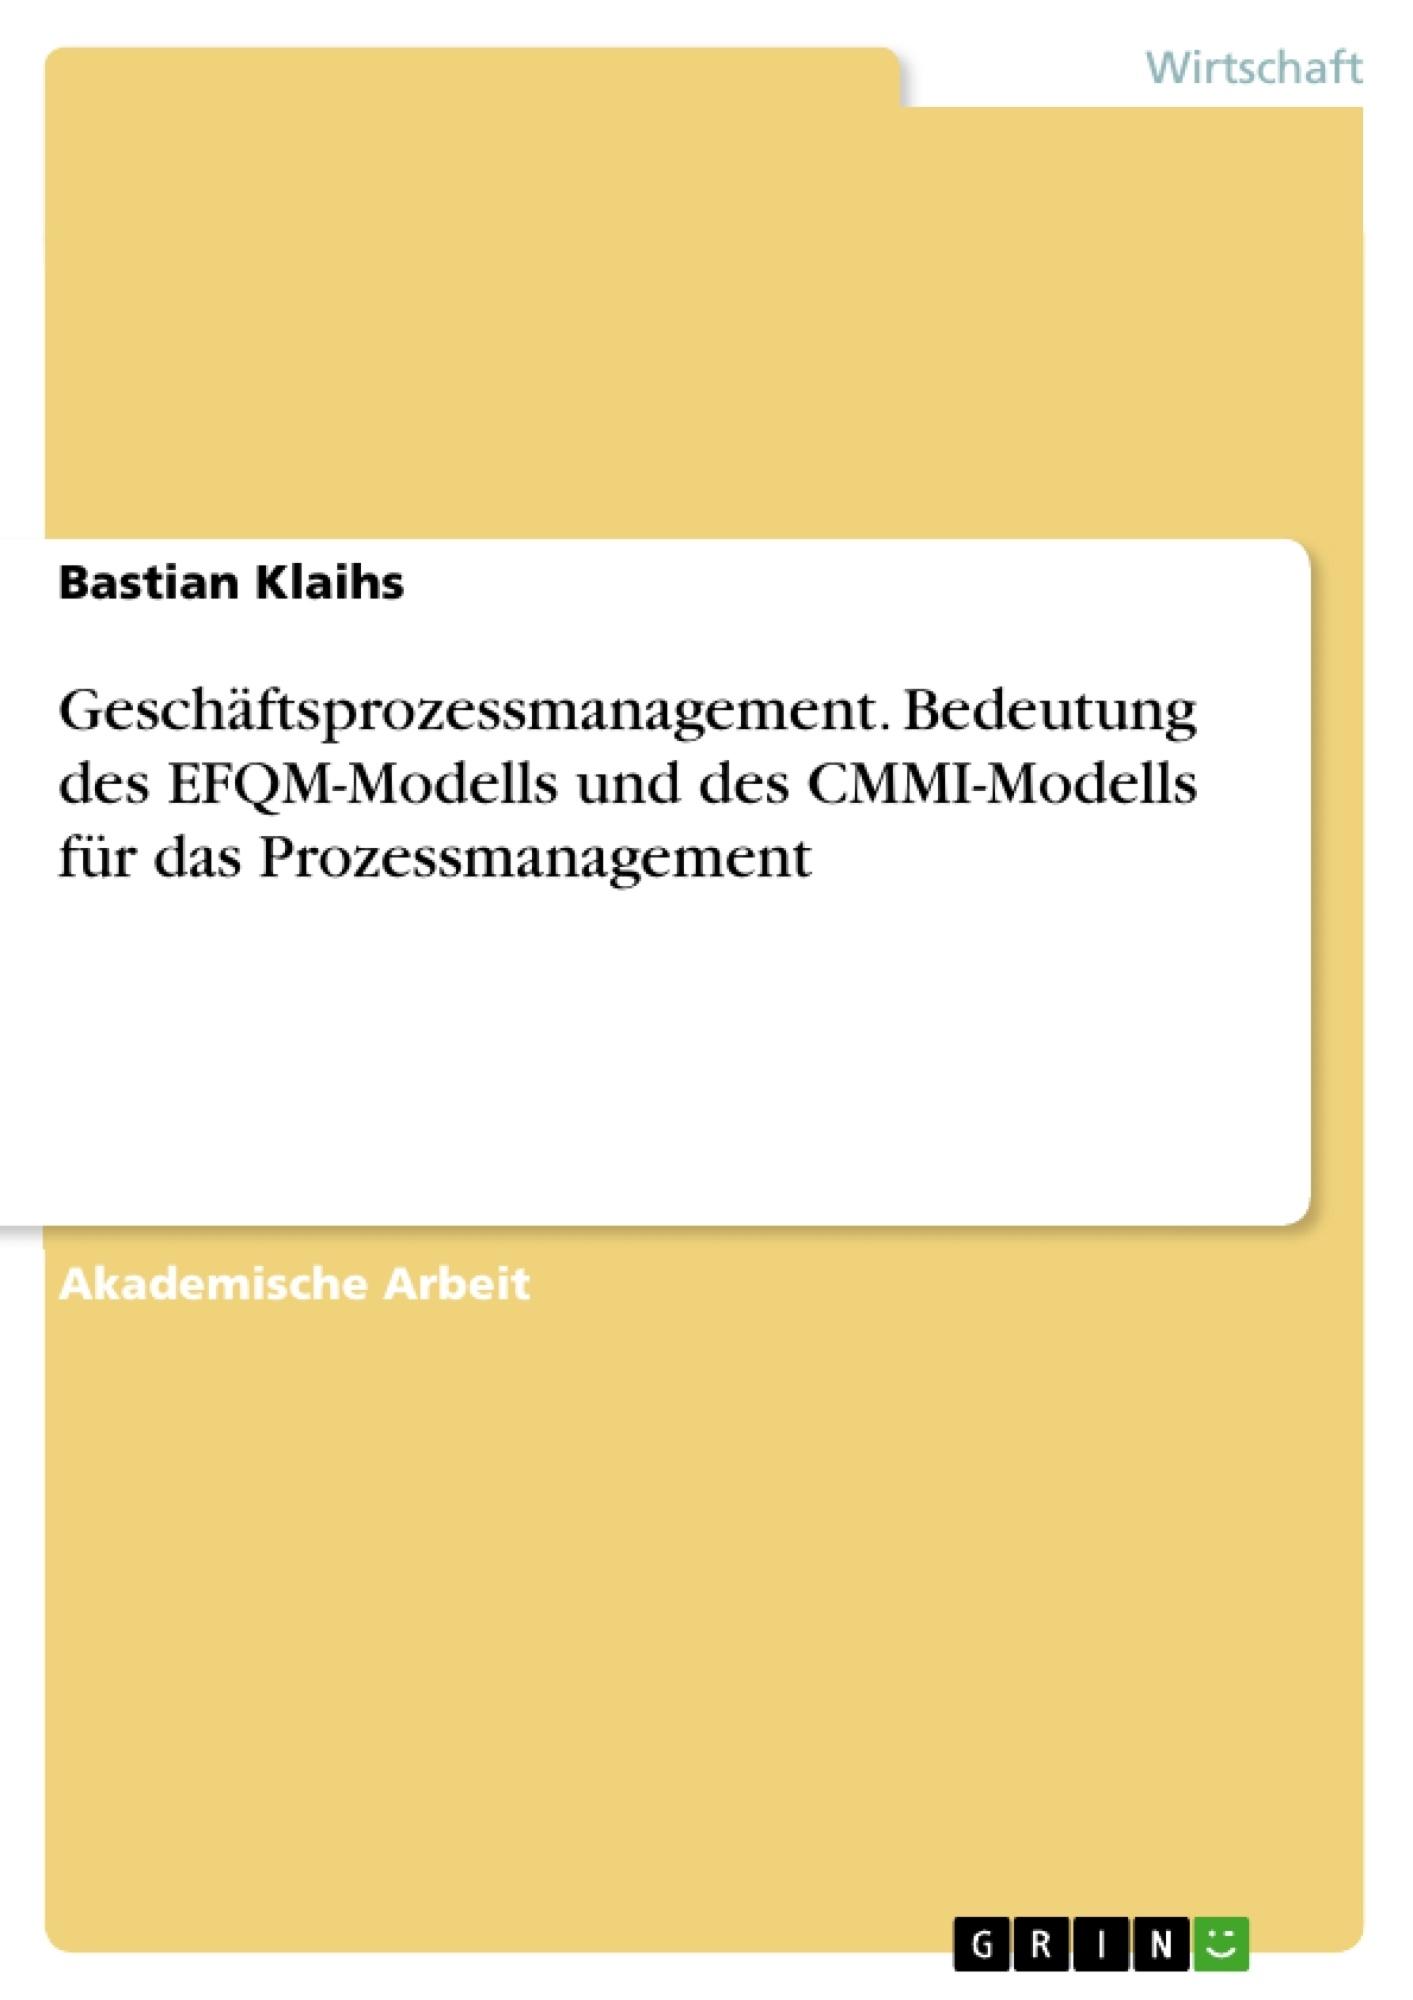 Titel: Geschäftsprozessmanagement. Bedeutung des EFQM-Modells und des CMMI-Modells für das Prozessmanagement